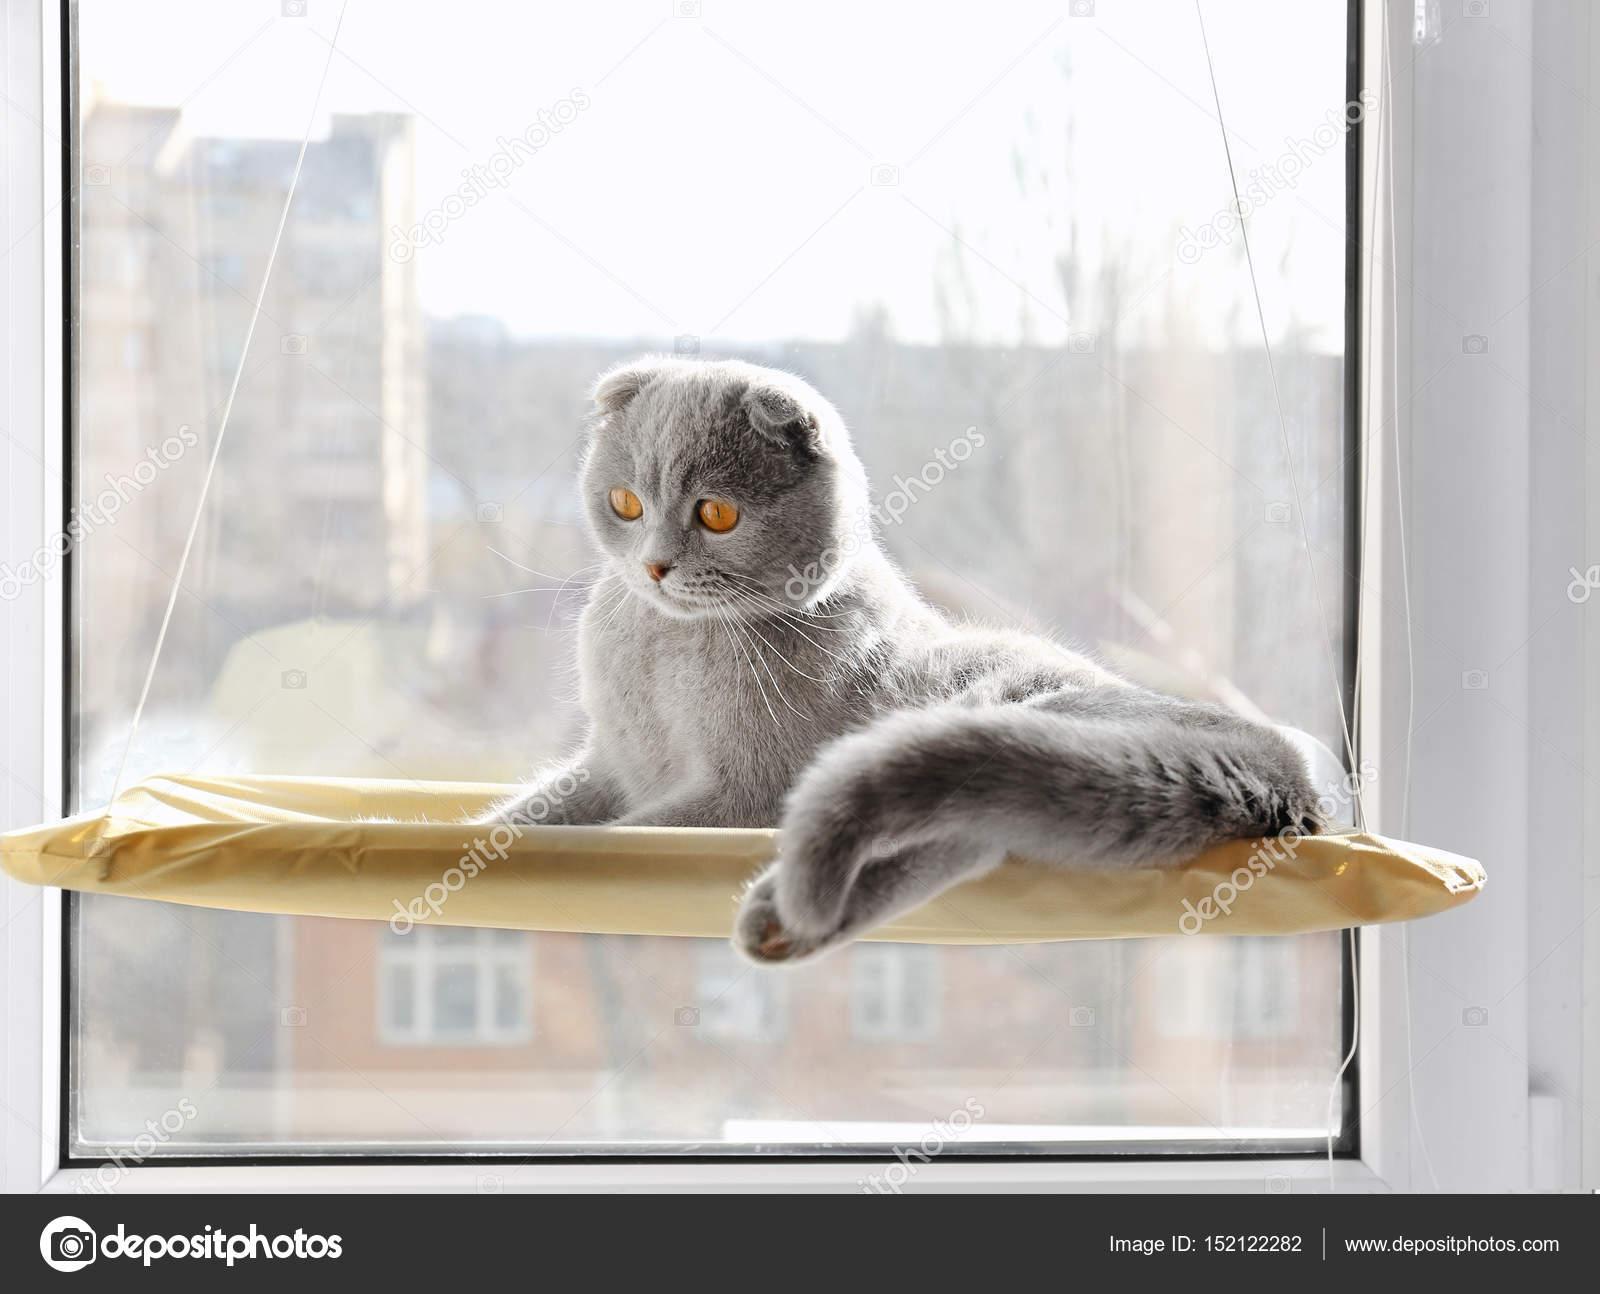 64627e9d8373 Χαριτωμένο γάτα περίεργος αναπαύεται στο παράθυρο μονταριστεί γάτα κρεβάτι  στο σπίτι — Εικόνα από ...